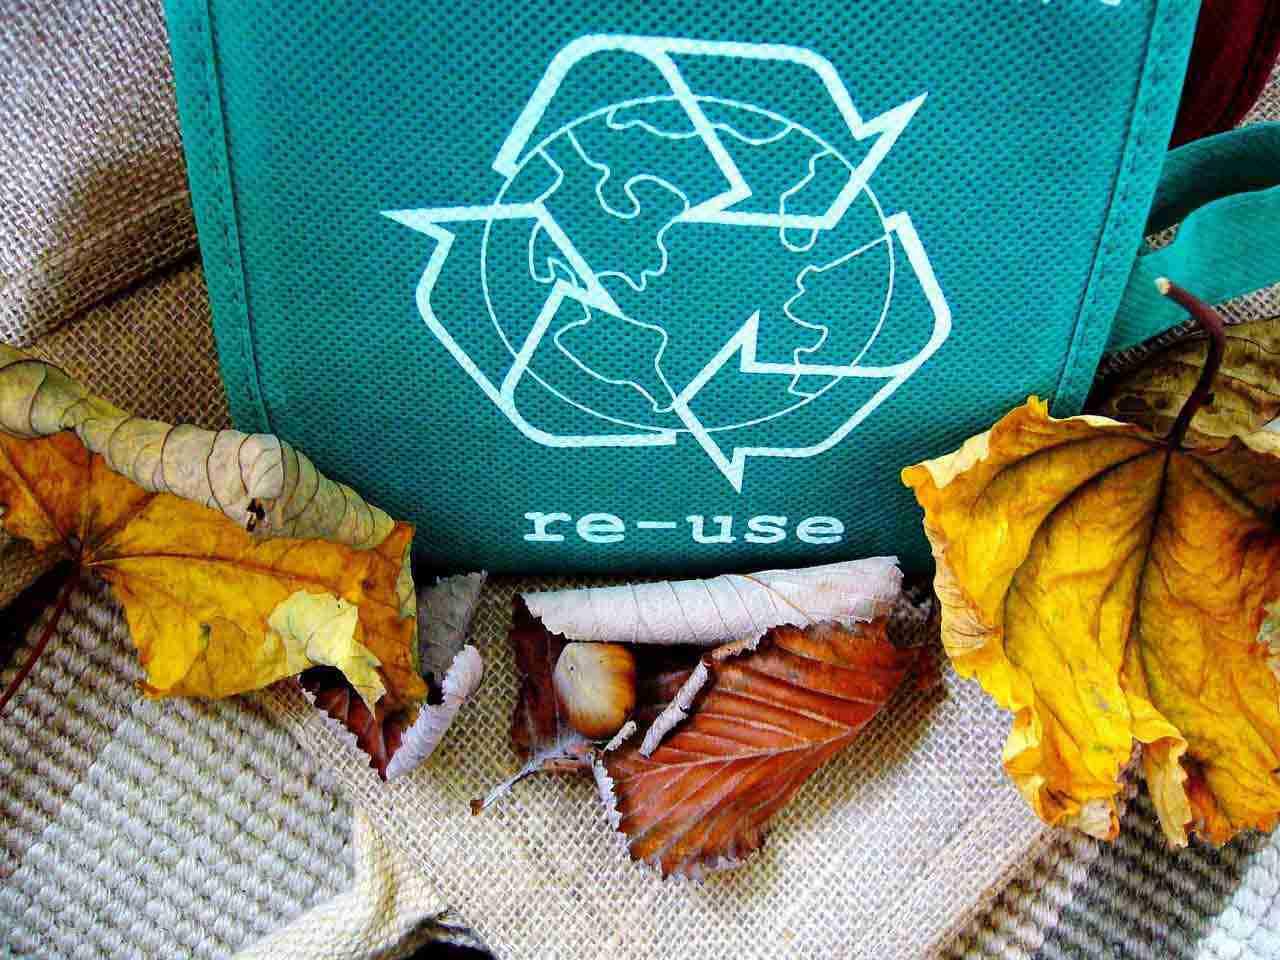 Cyclosas - Textile Synthétique recyclé, bon pour l'environnement, fibre recyclée